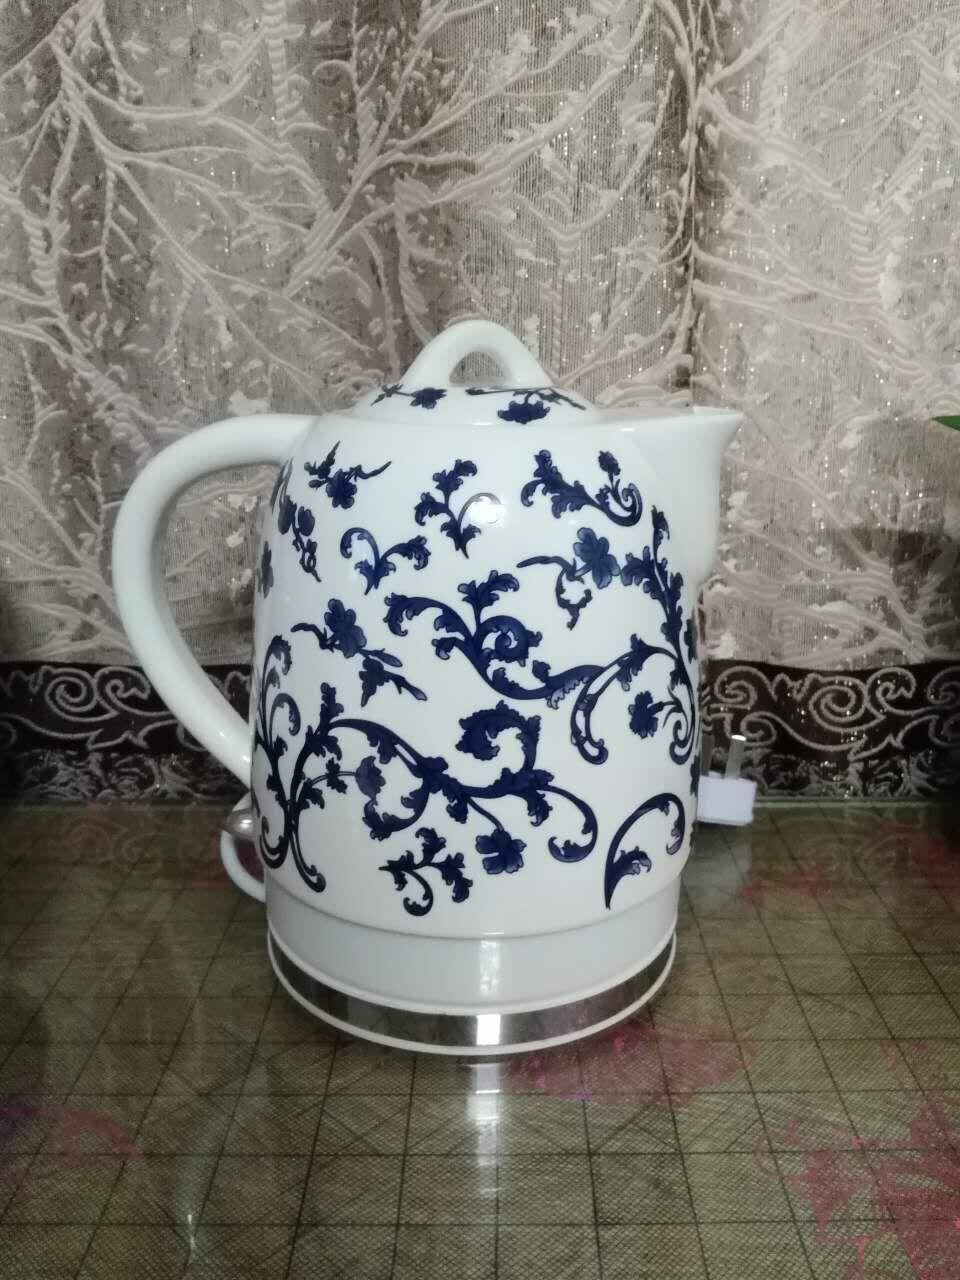 Teteras de porcelana la desconexión automática de la tetera de té té caliente tetera eléctrica de gran capacidad de beber agua